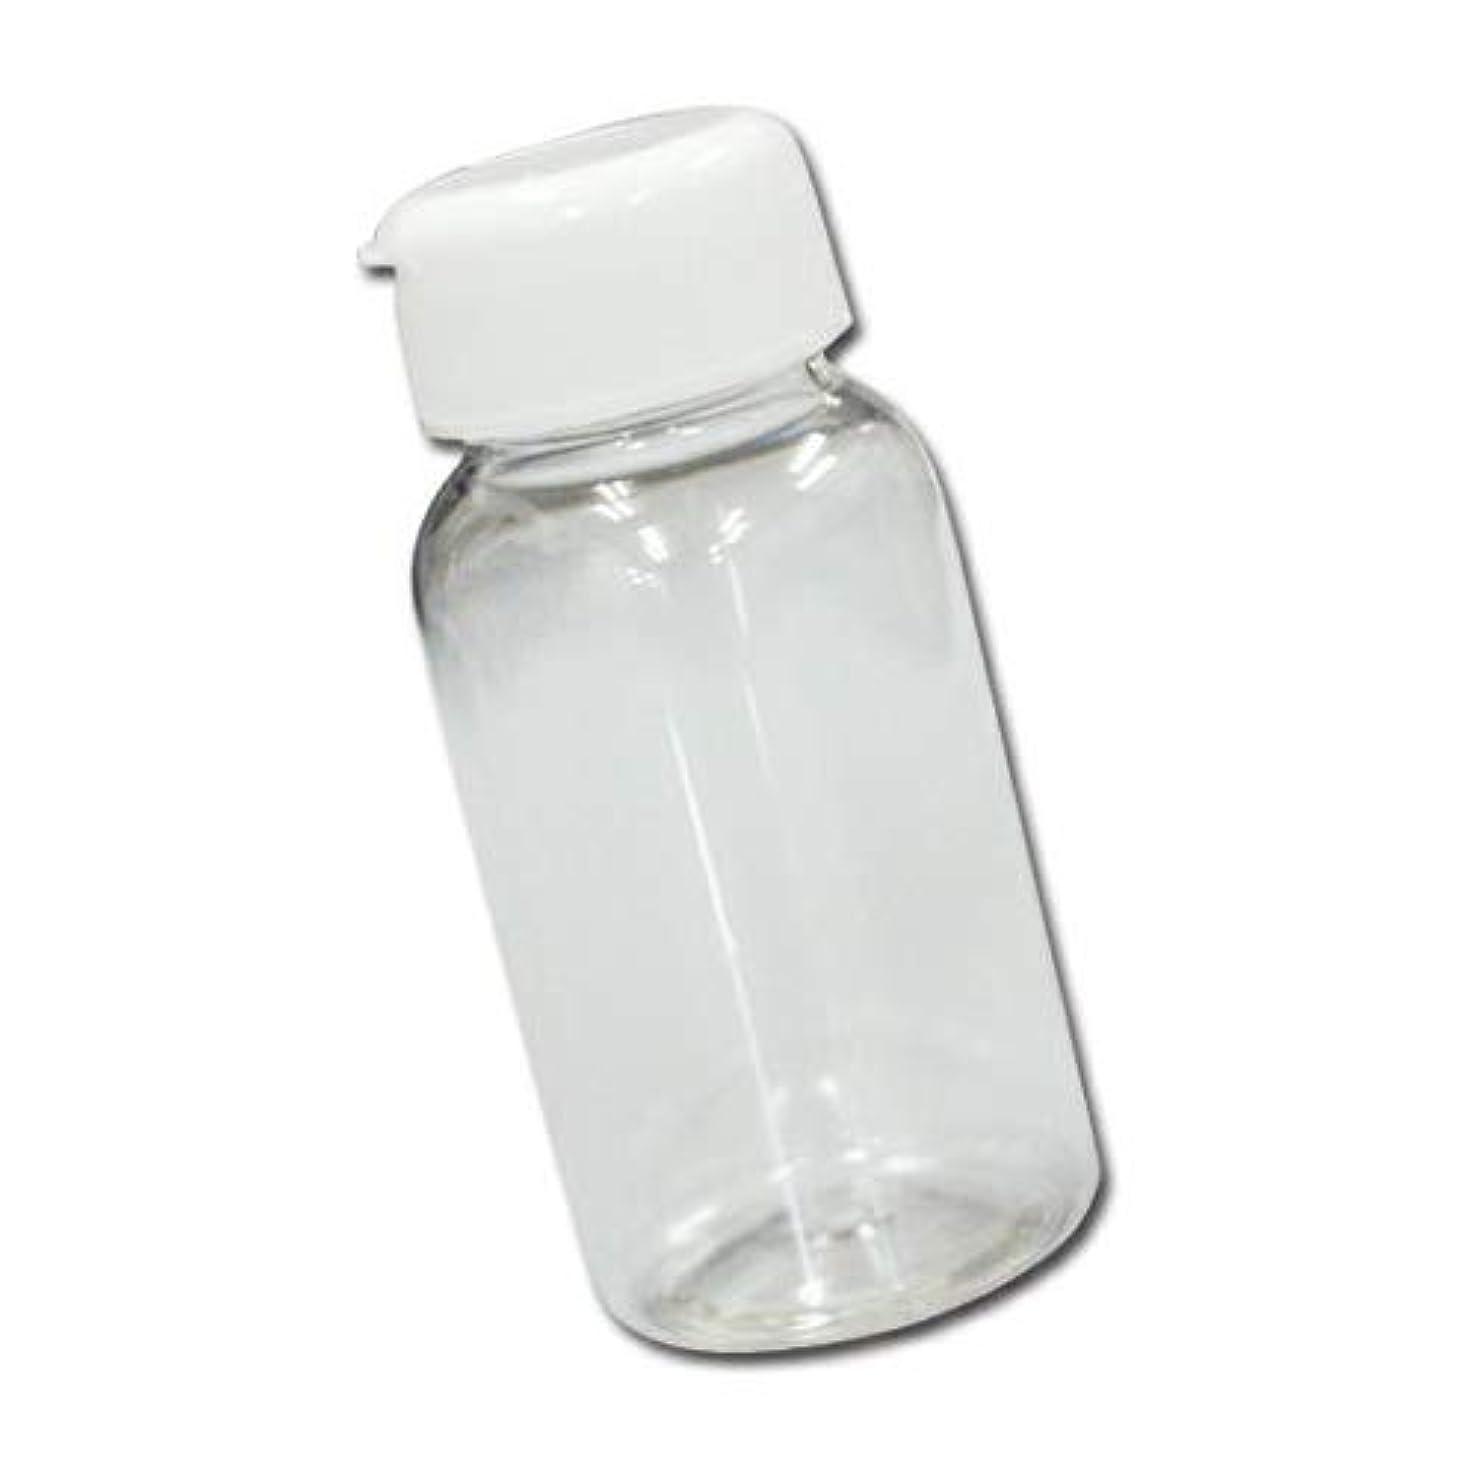 モンゴメリー手足みなすパウダー用詰め替え容器200mlボトル│業務用マッサージパウダーや調味料の小分けに最適な穴あき詰め替えボトル